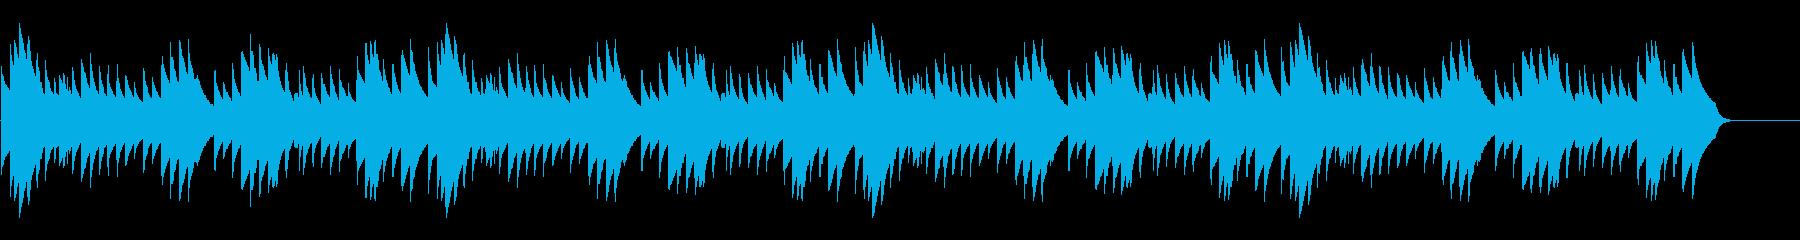 シャボン玉・遅い 24bit44kHzの再生済みの波形